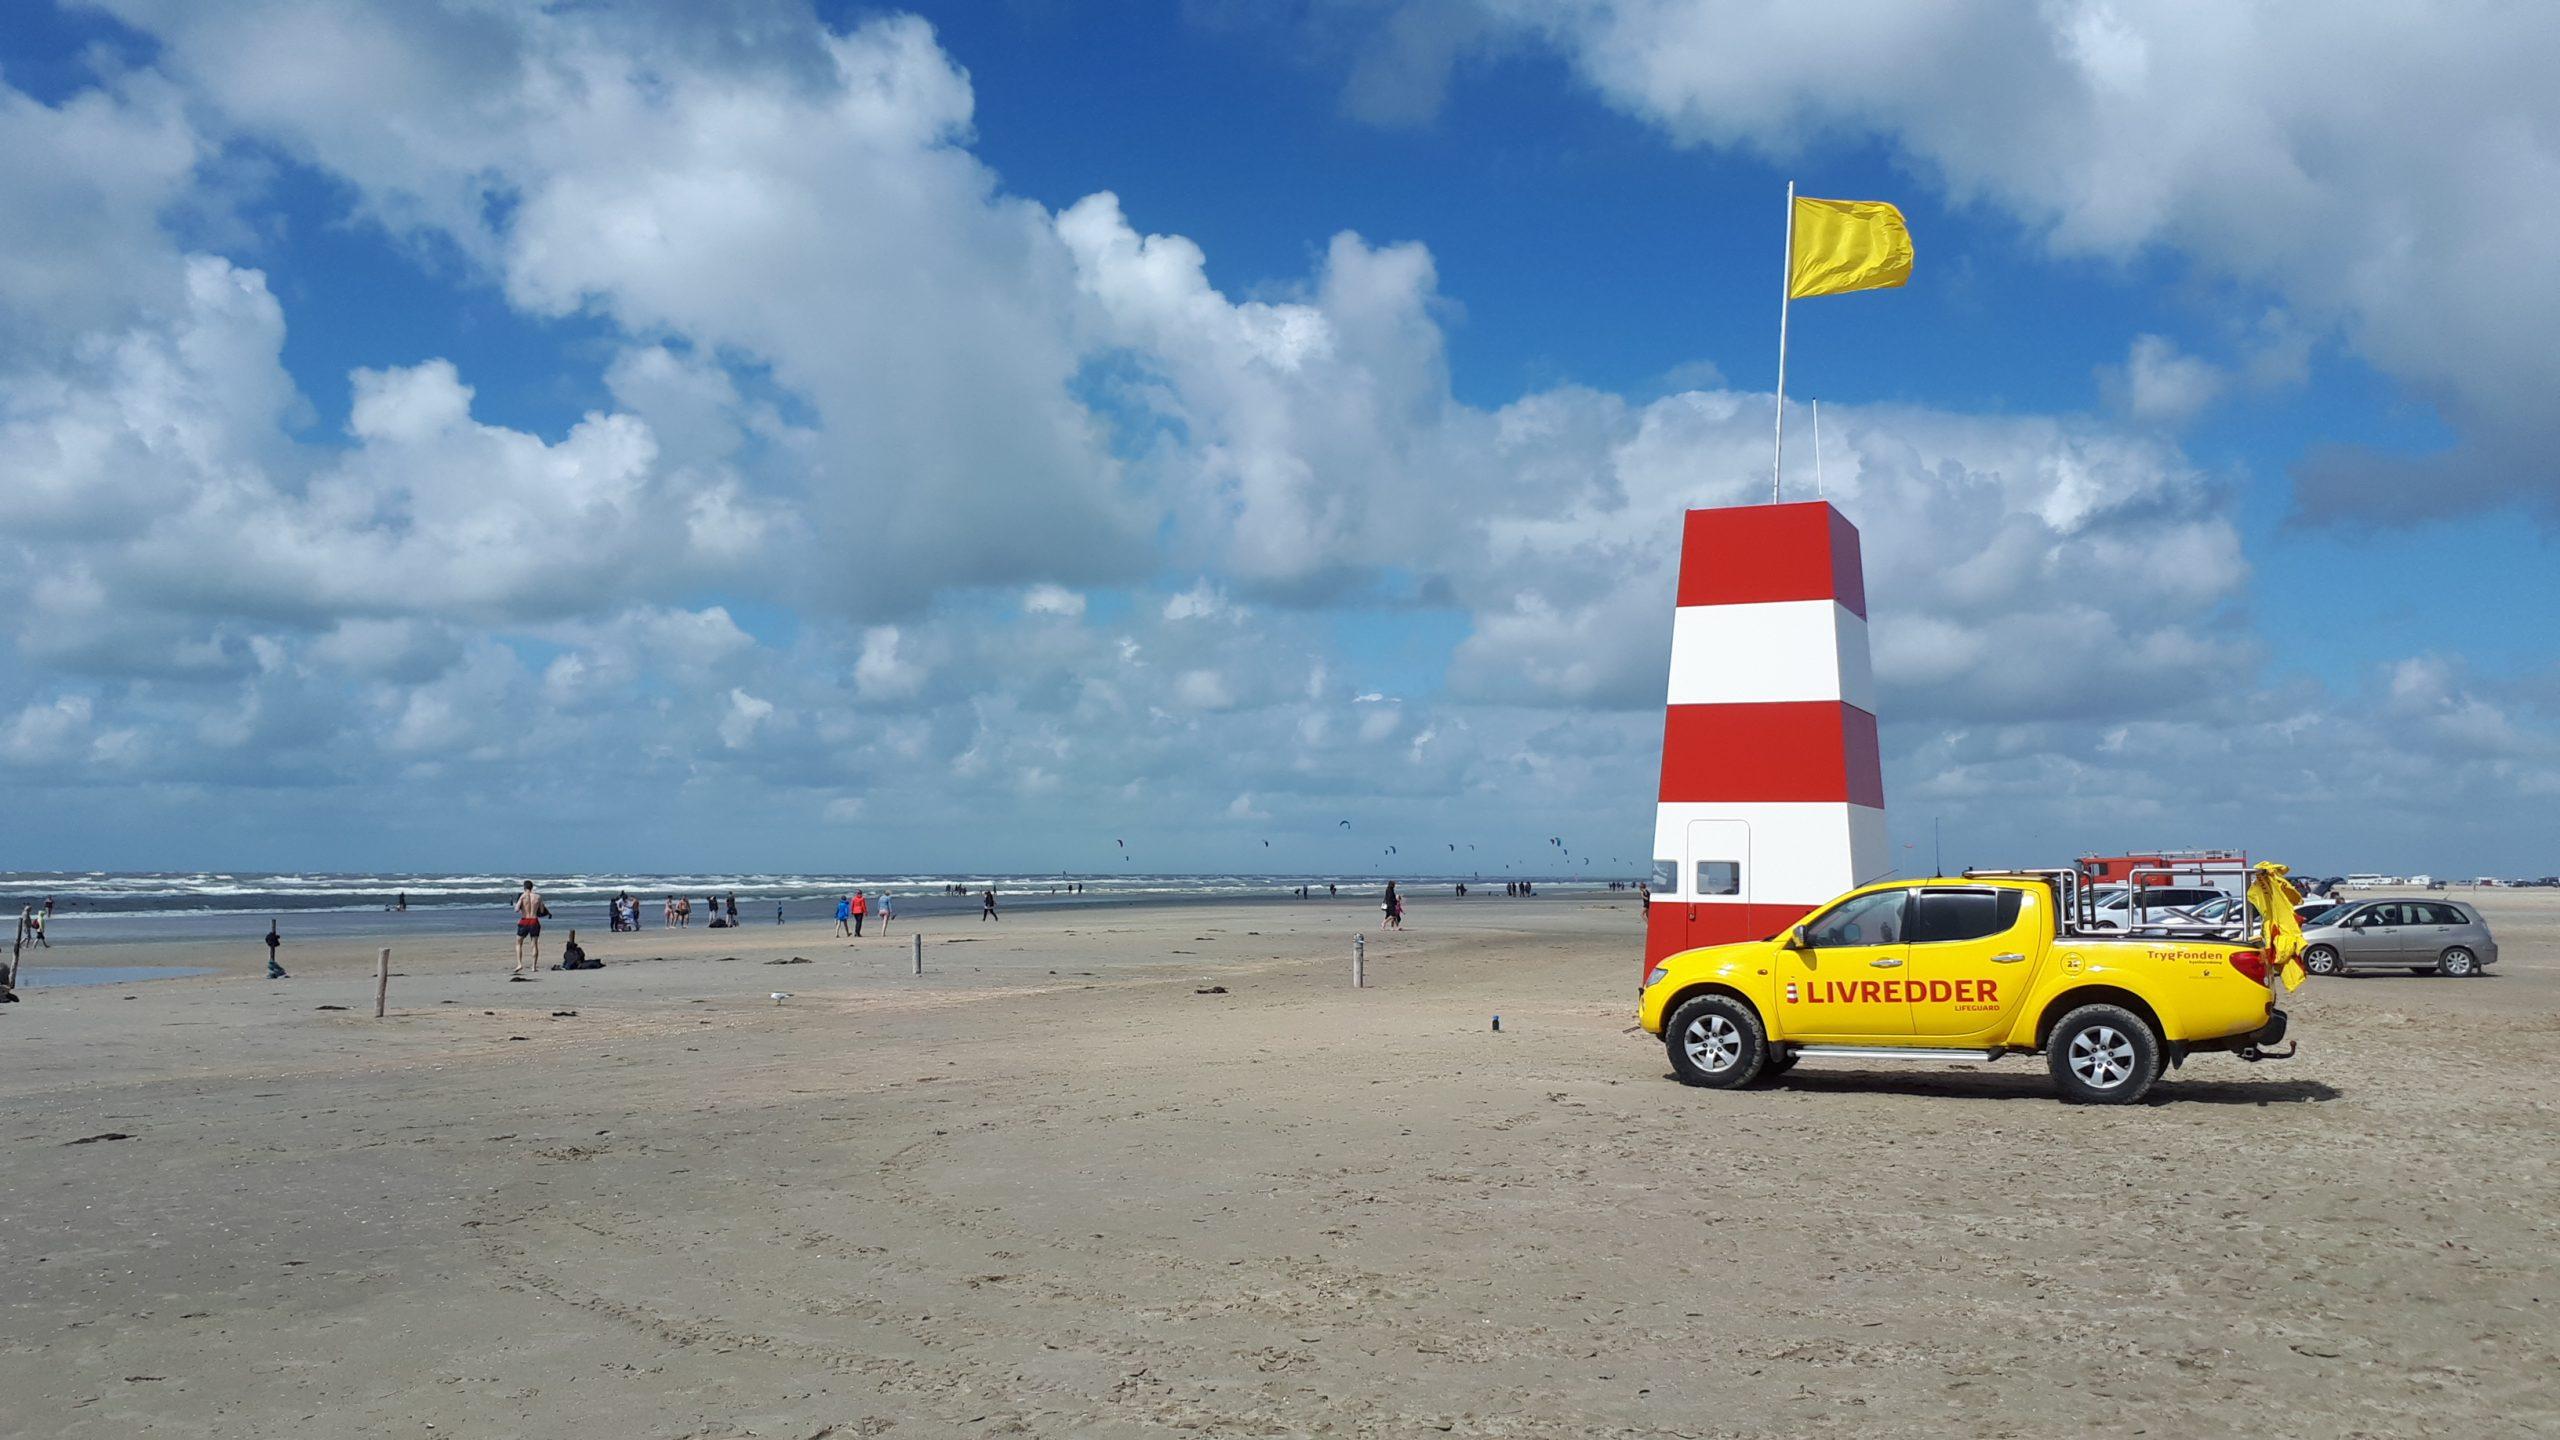 Dansk sommer på Rømø. Det gule flag ved livreddertårnet betyder fare for eksempelvis store bølger, strøm, fralandsvind, brandmænd eller særlige lokale forhold, spørg livredderen, hvis man er i tvivl. Foto: Henrik Baumgarten.